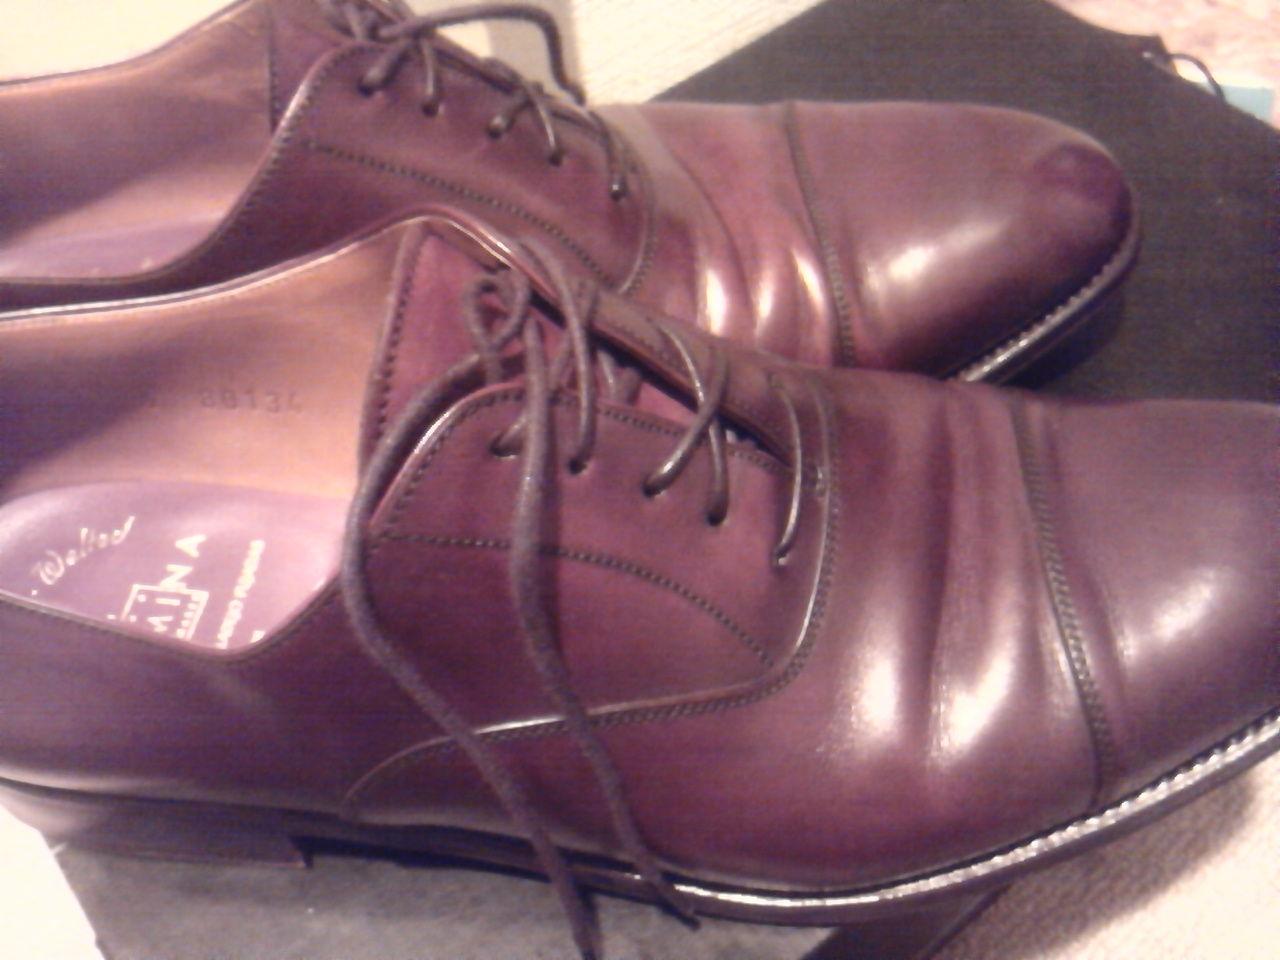 一方、この靴は横幅が最後まで合いませんでした。 初めからかなり横幅がせまく感じていましたが、履いている内に伸びてジャストフィットになるであろうと、買った当初